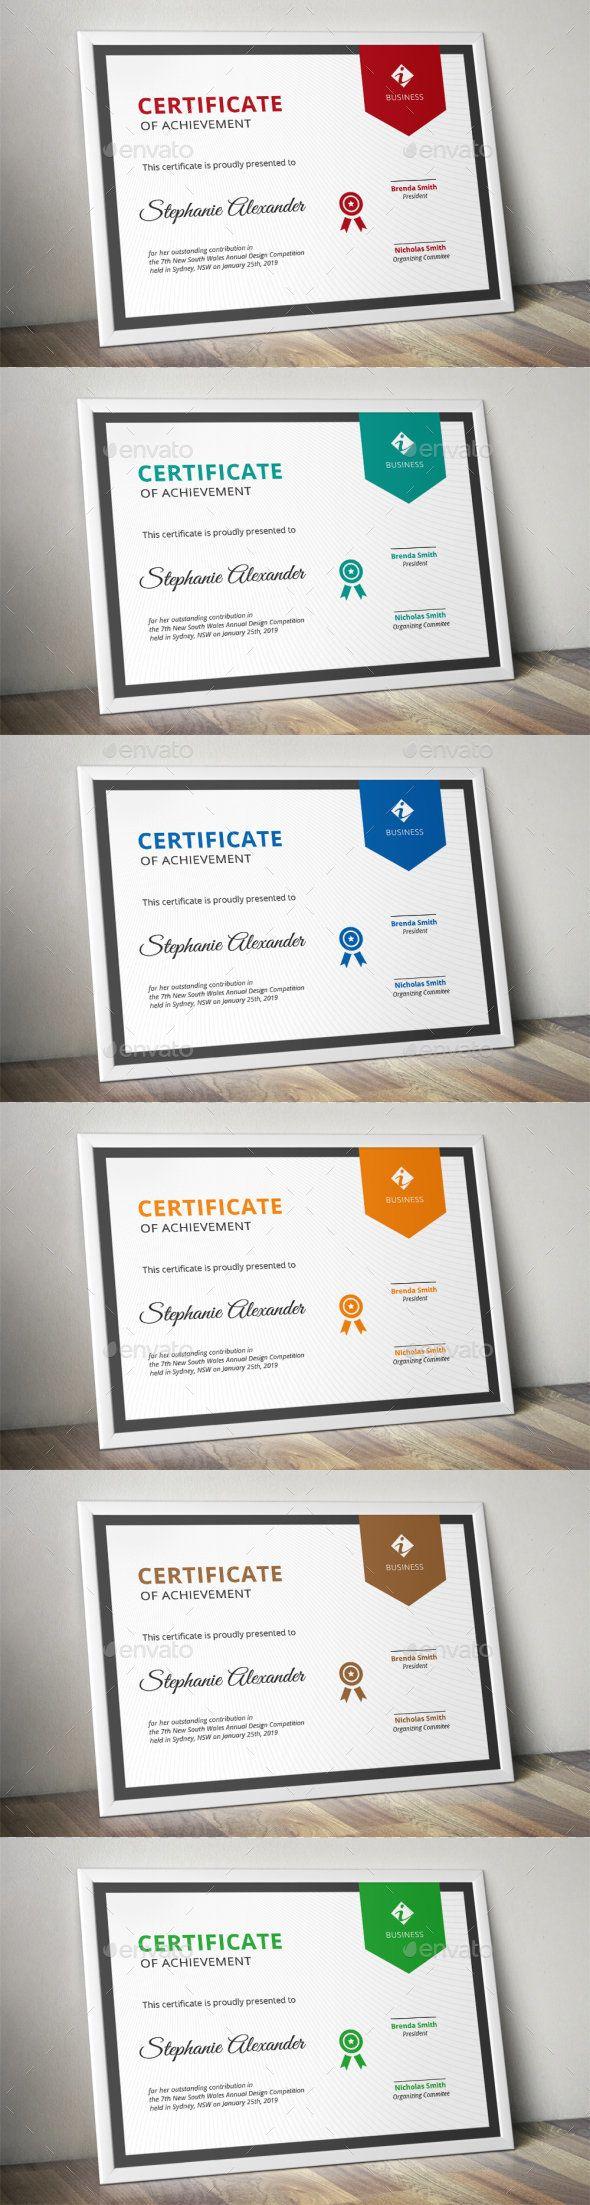 Banner Corporate Certificate Template AI Illustrator                                                                                                                                                                                 Más